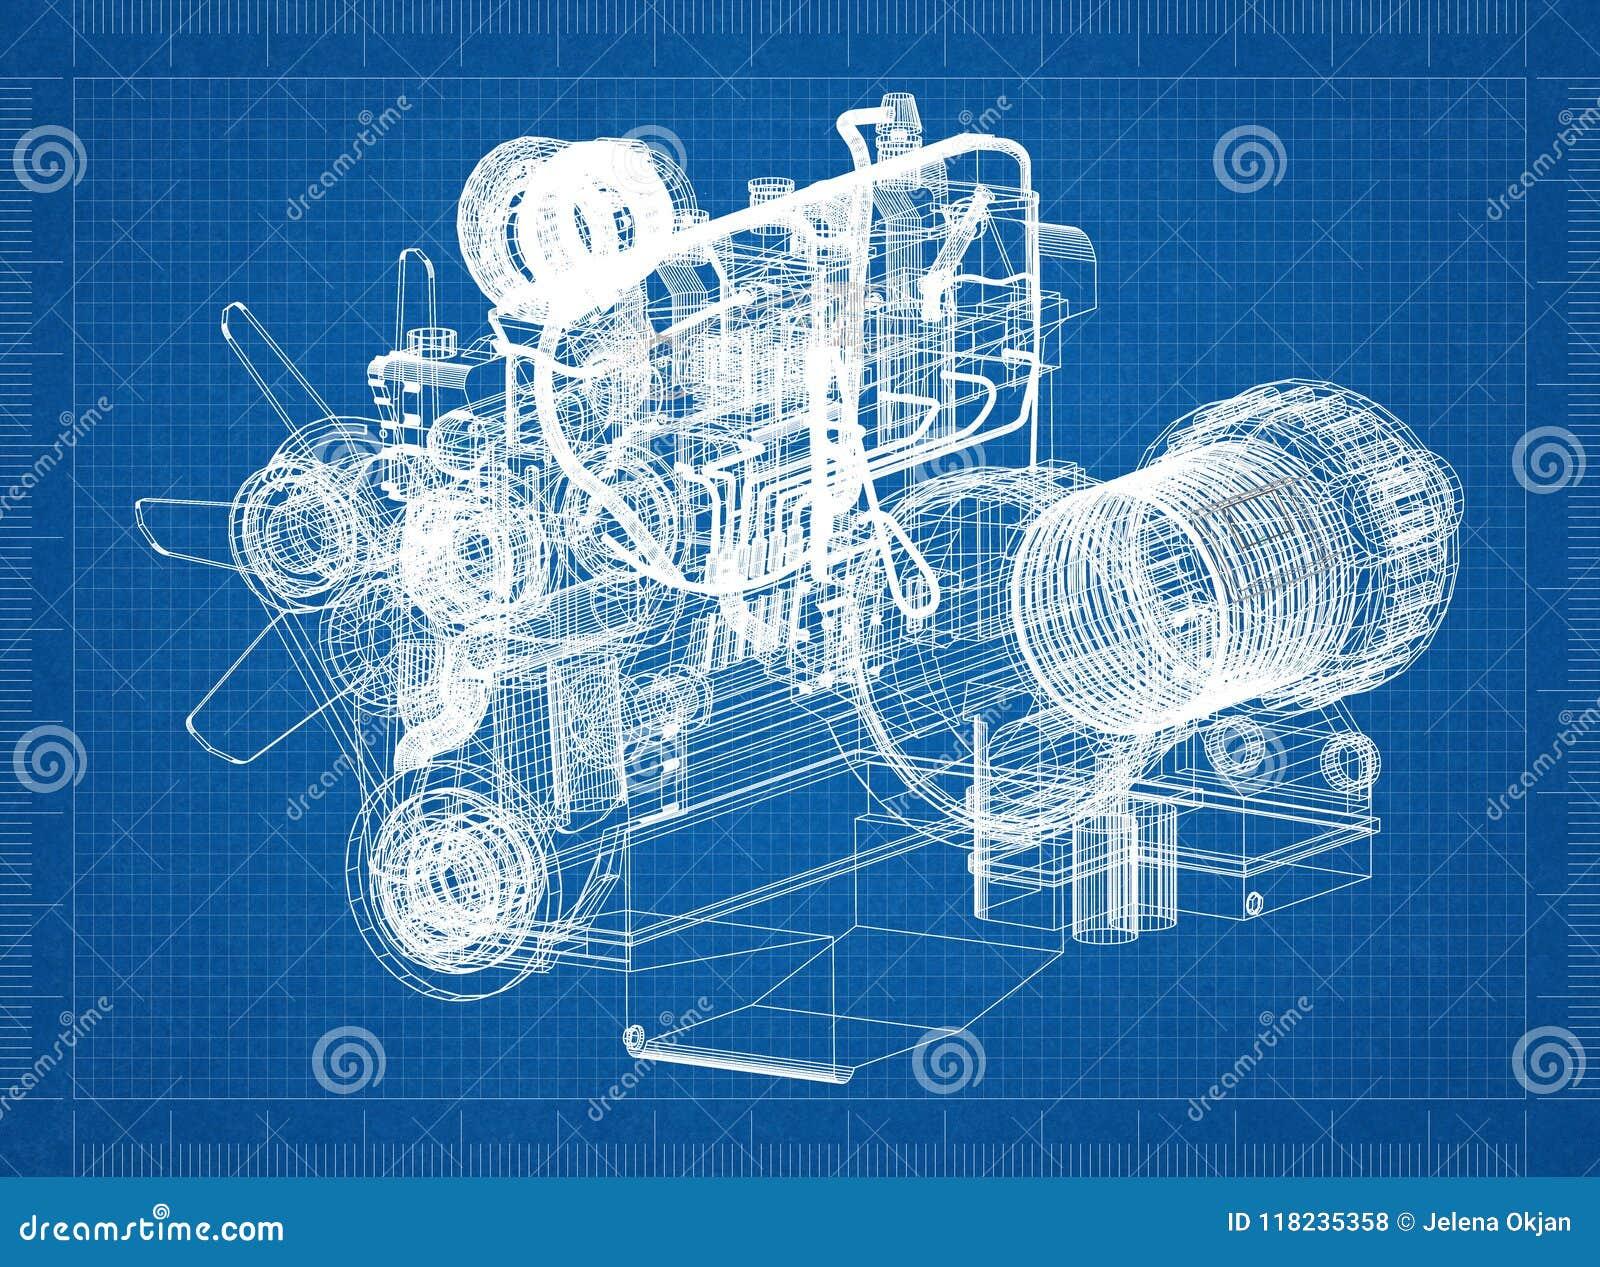 Car engine blueprint stock illustration illustration of gear download car engine blueprint stock illustration illustration of gear 118235358 malvernweather Choice Image